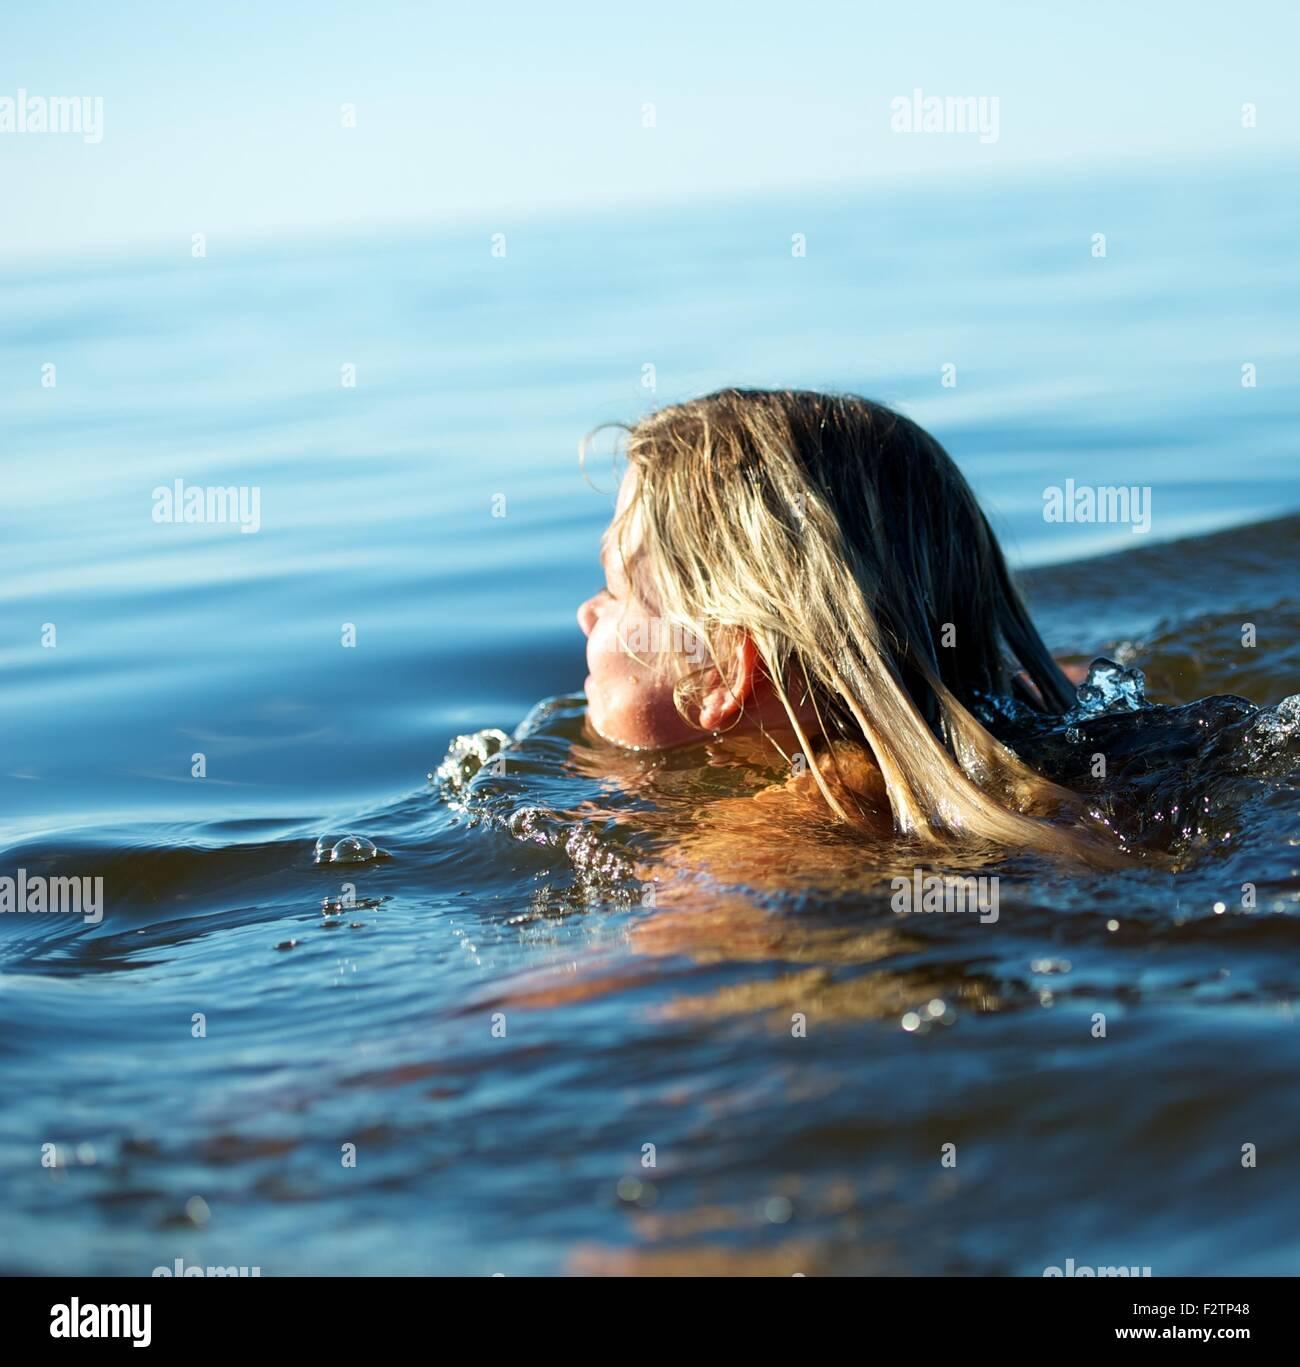 Chica nadando en el agua Imagen De Stock